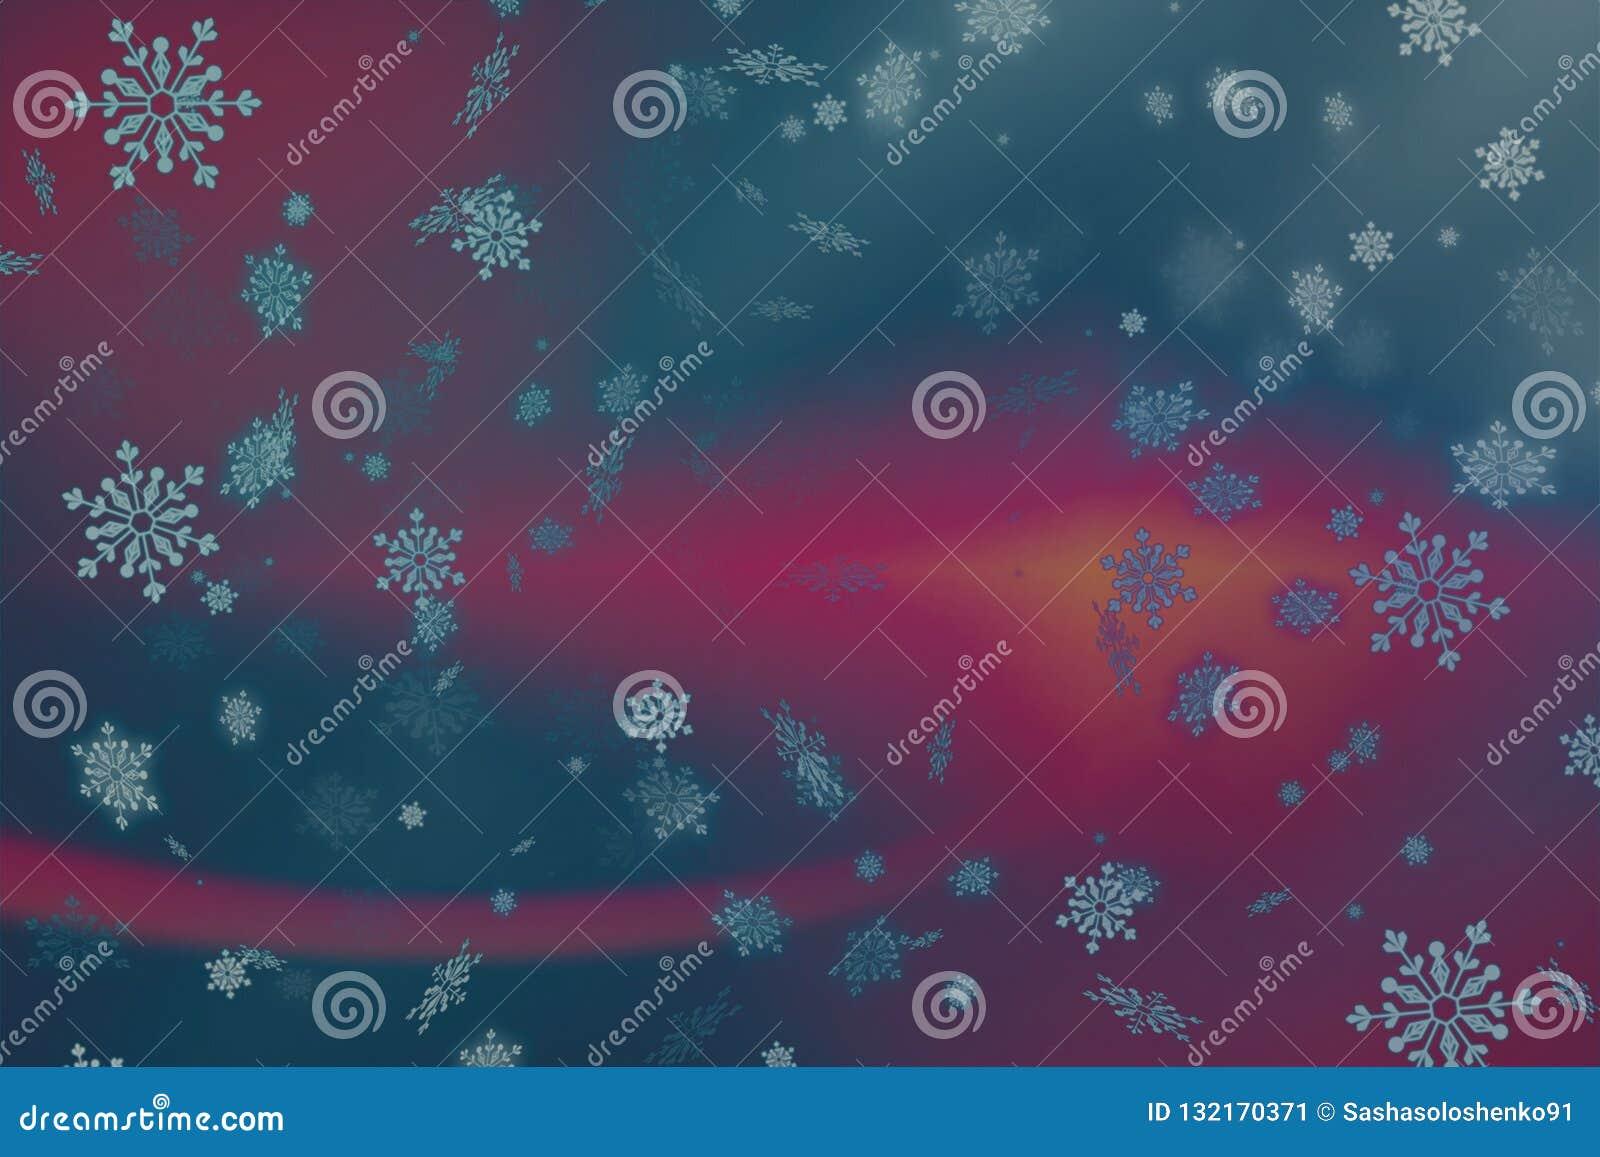 Rosa astratto e fondo porpora di Natale con neve ed i fiocchi di neve